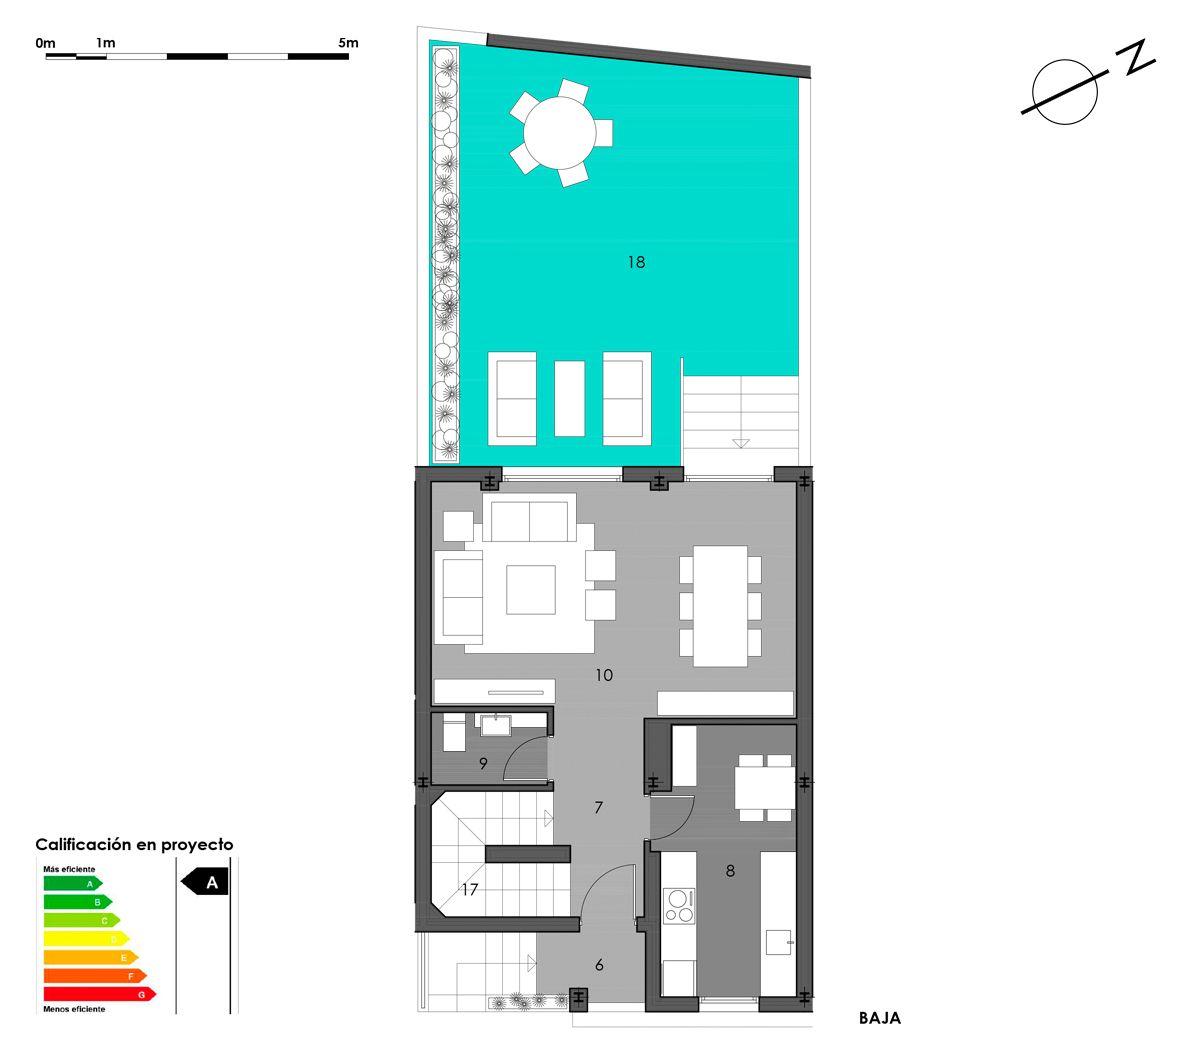 planta baja vivienda 5 con cocina cerrada